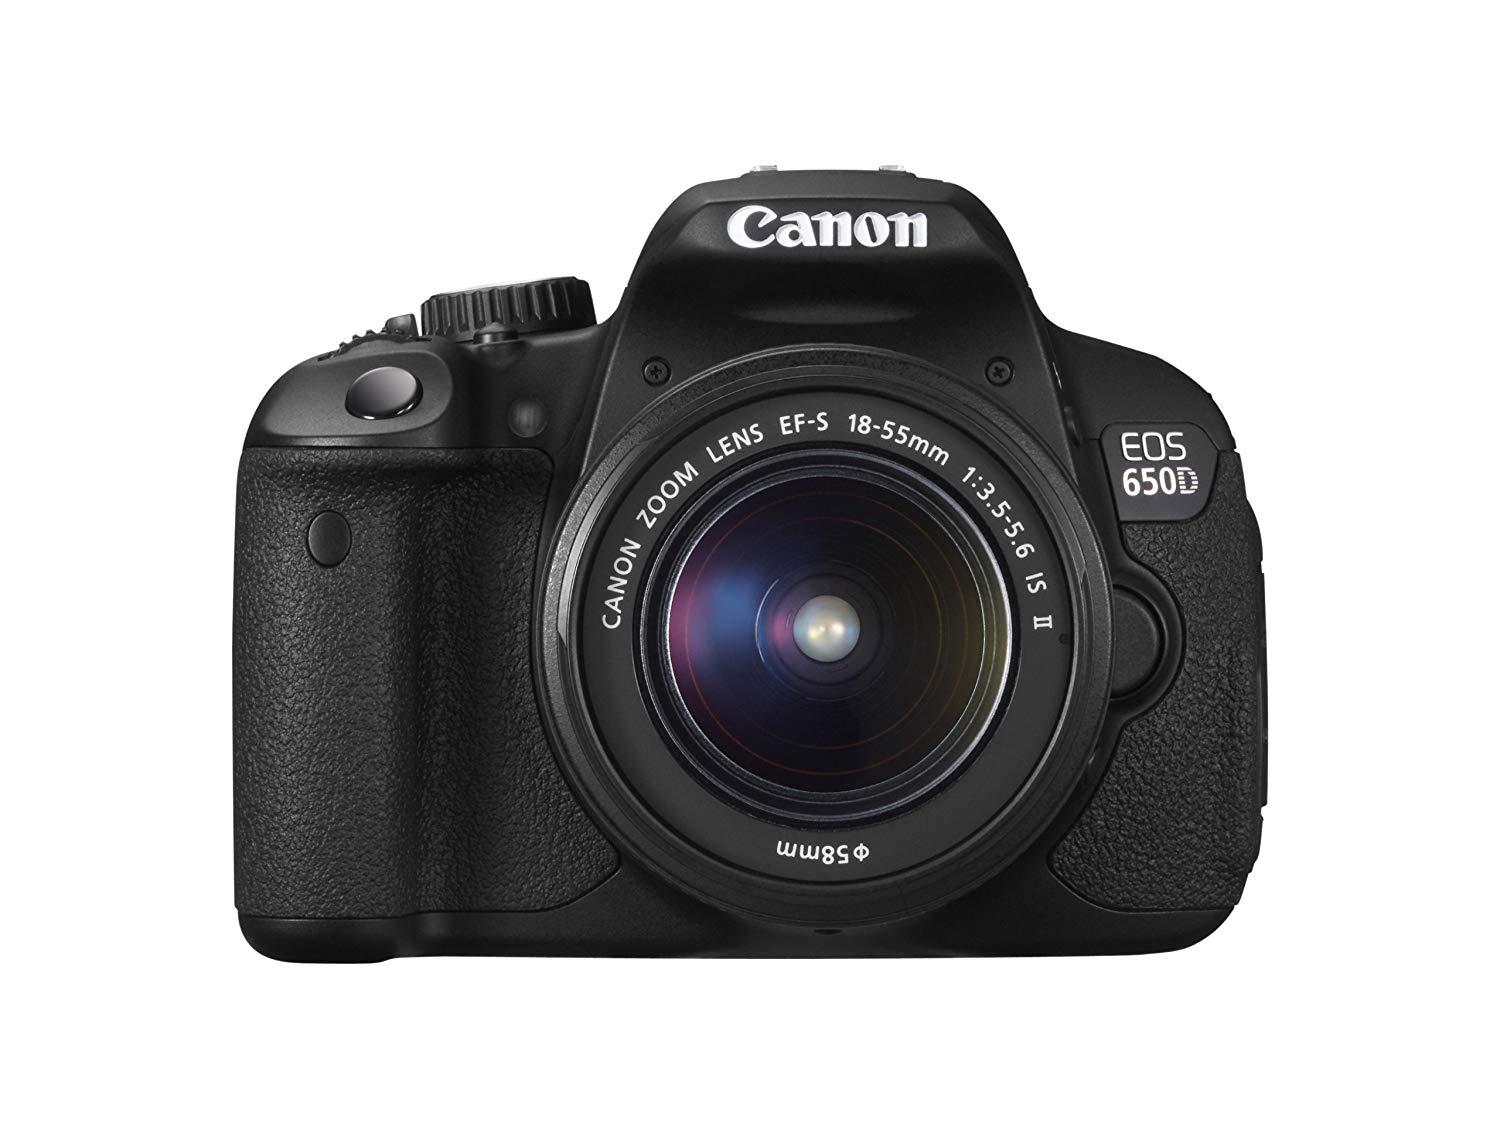 canon 650d